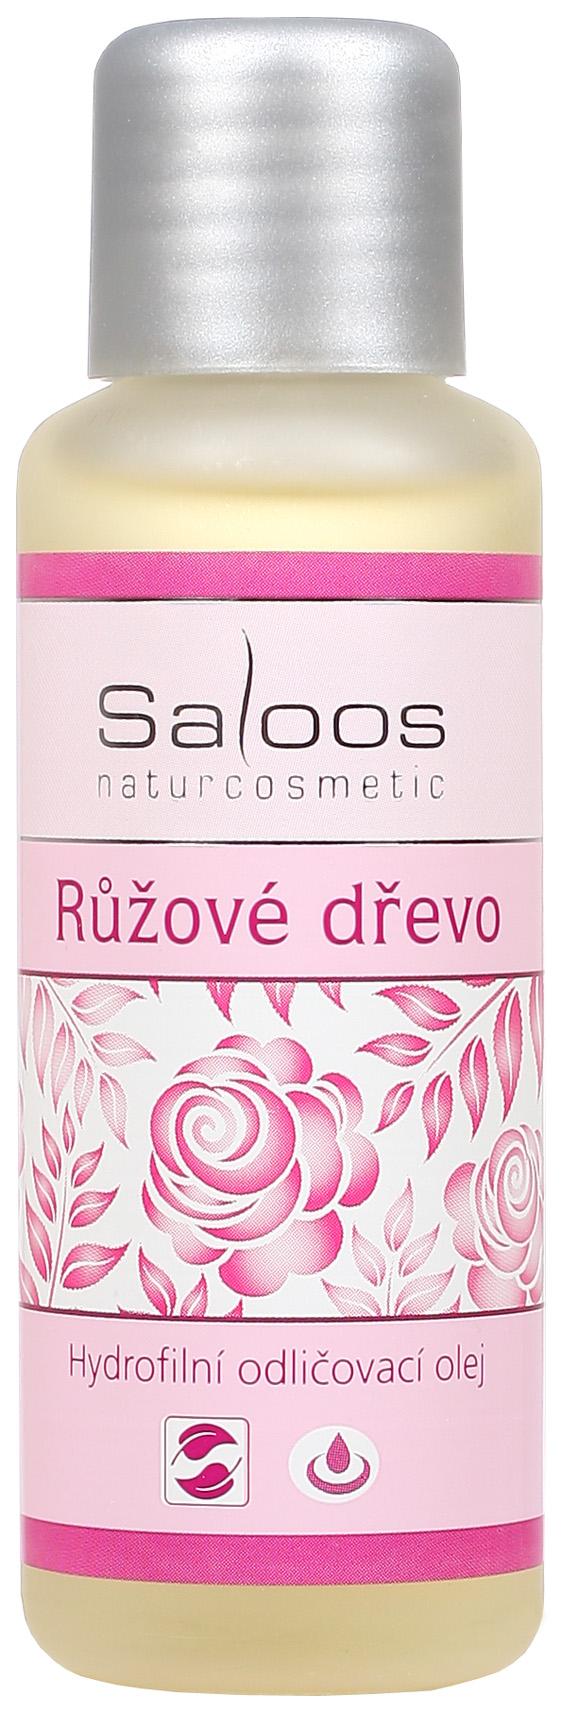 Saloos Růžové dřevo hydrofilní odličovací olej 50ml